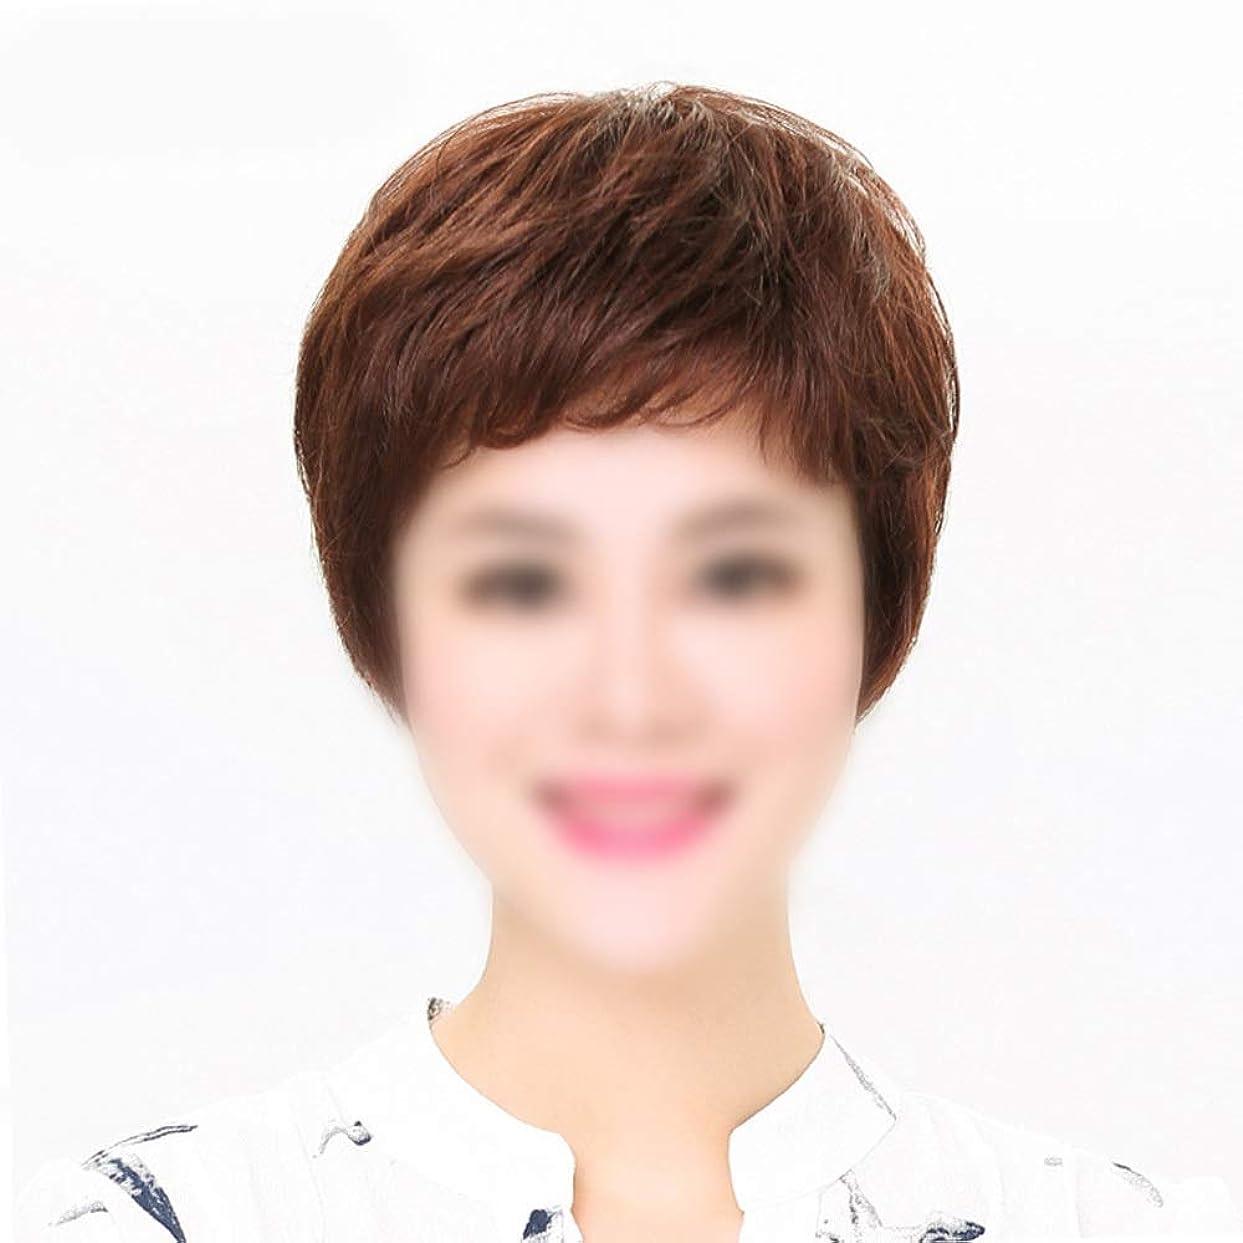 スチュアート島抗議露HOHYLLYA ママデイリードレスパーティーウィッグのためのかつら自然な人間の髪の毛の拡張子ストレートヘア (色 : Dark brown, サイズ : Mechanism)